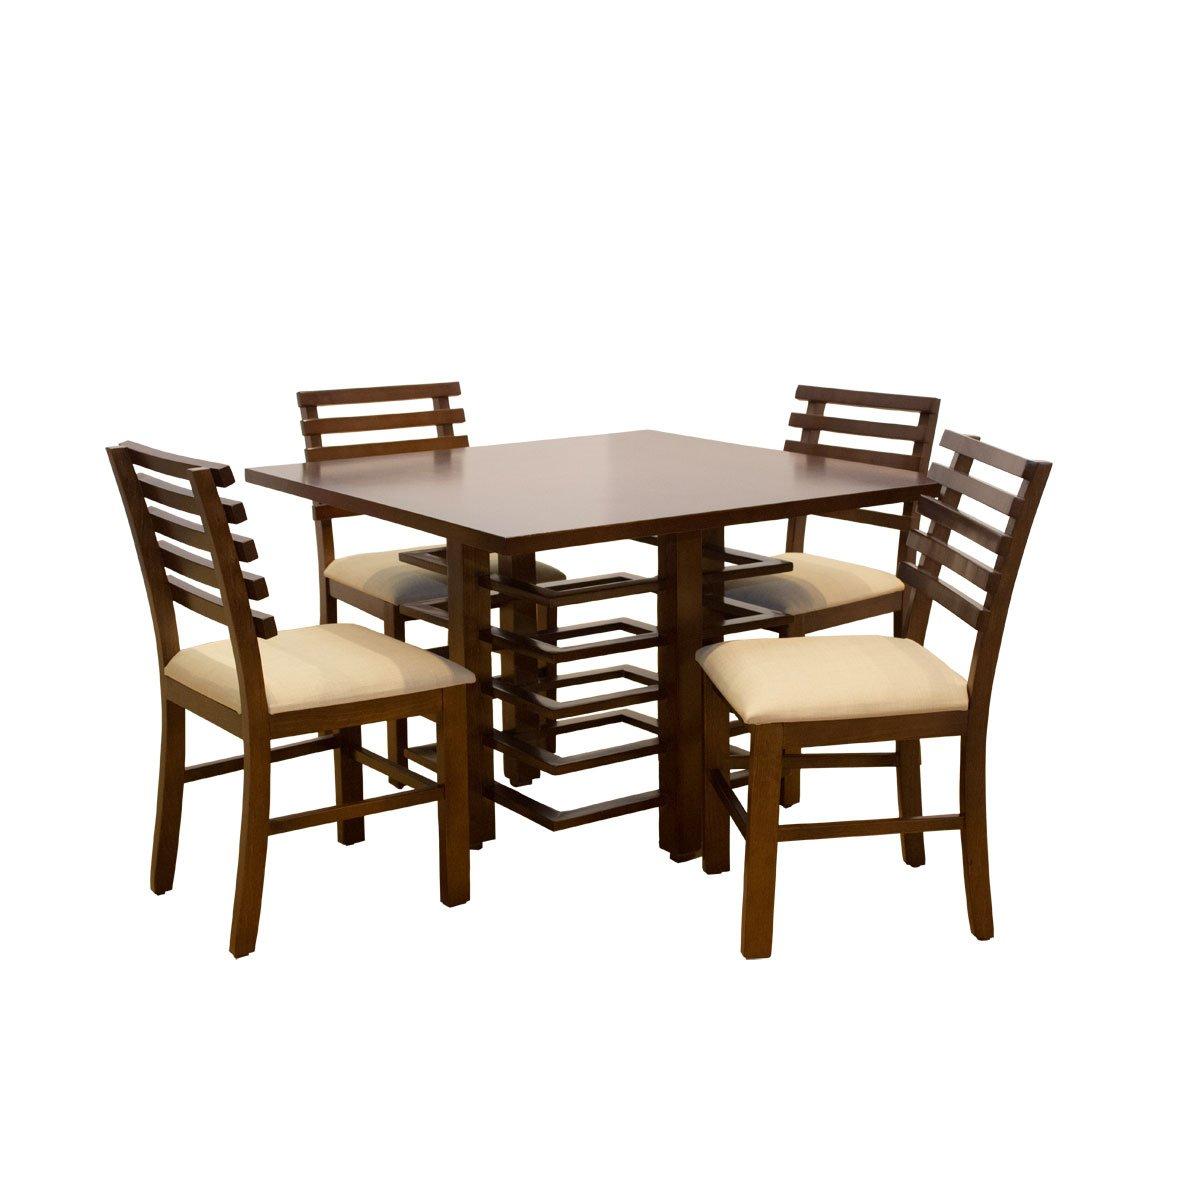 Desayunador Con 4 Sillas Tiras Asia Muebles El Ngel Sears Com  # Muebles Fabricas De Francia